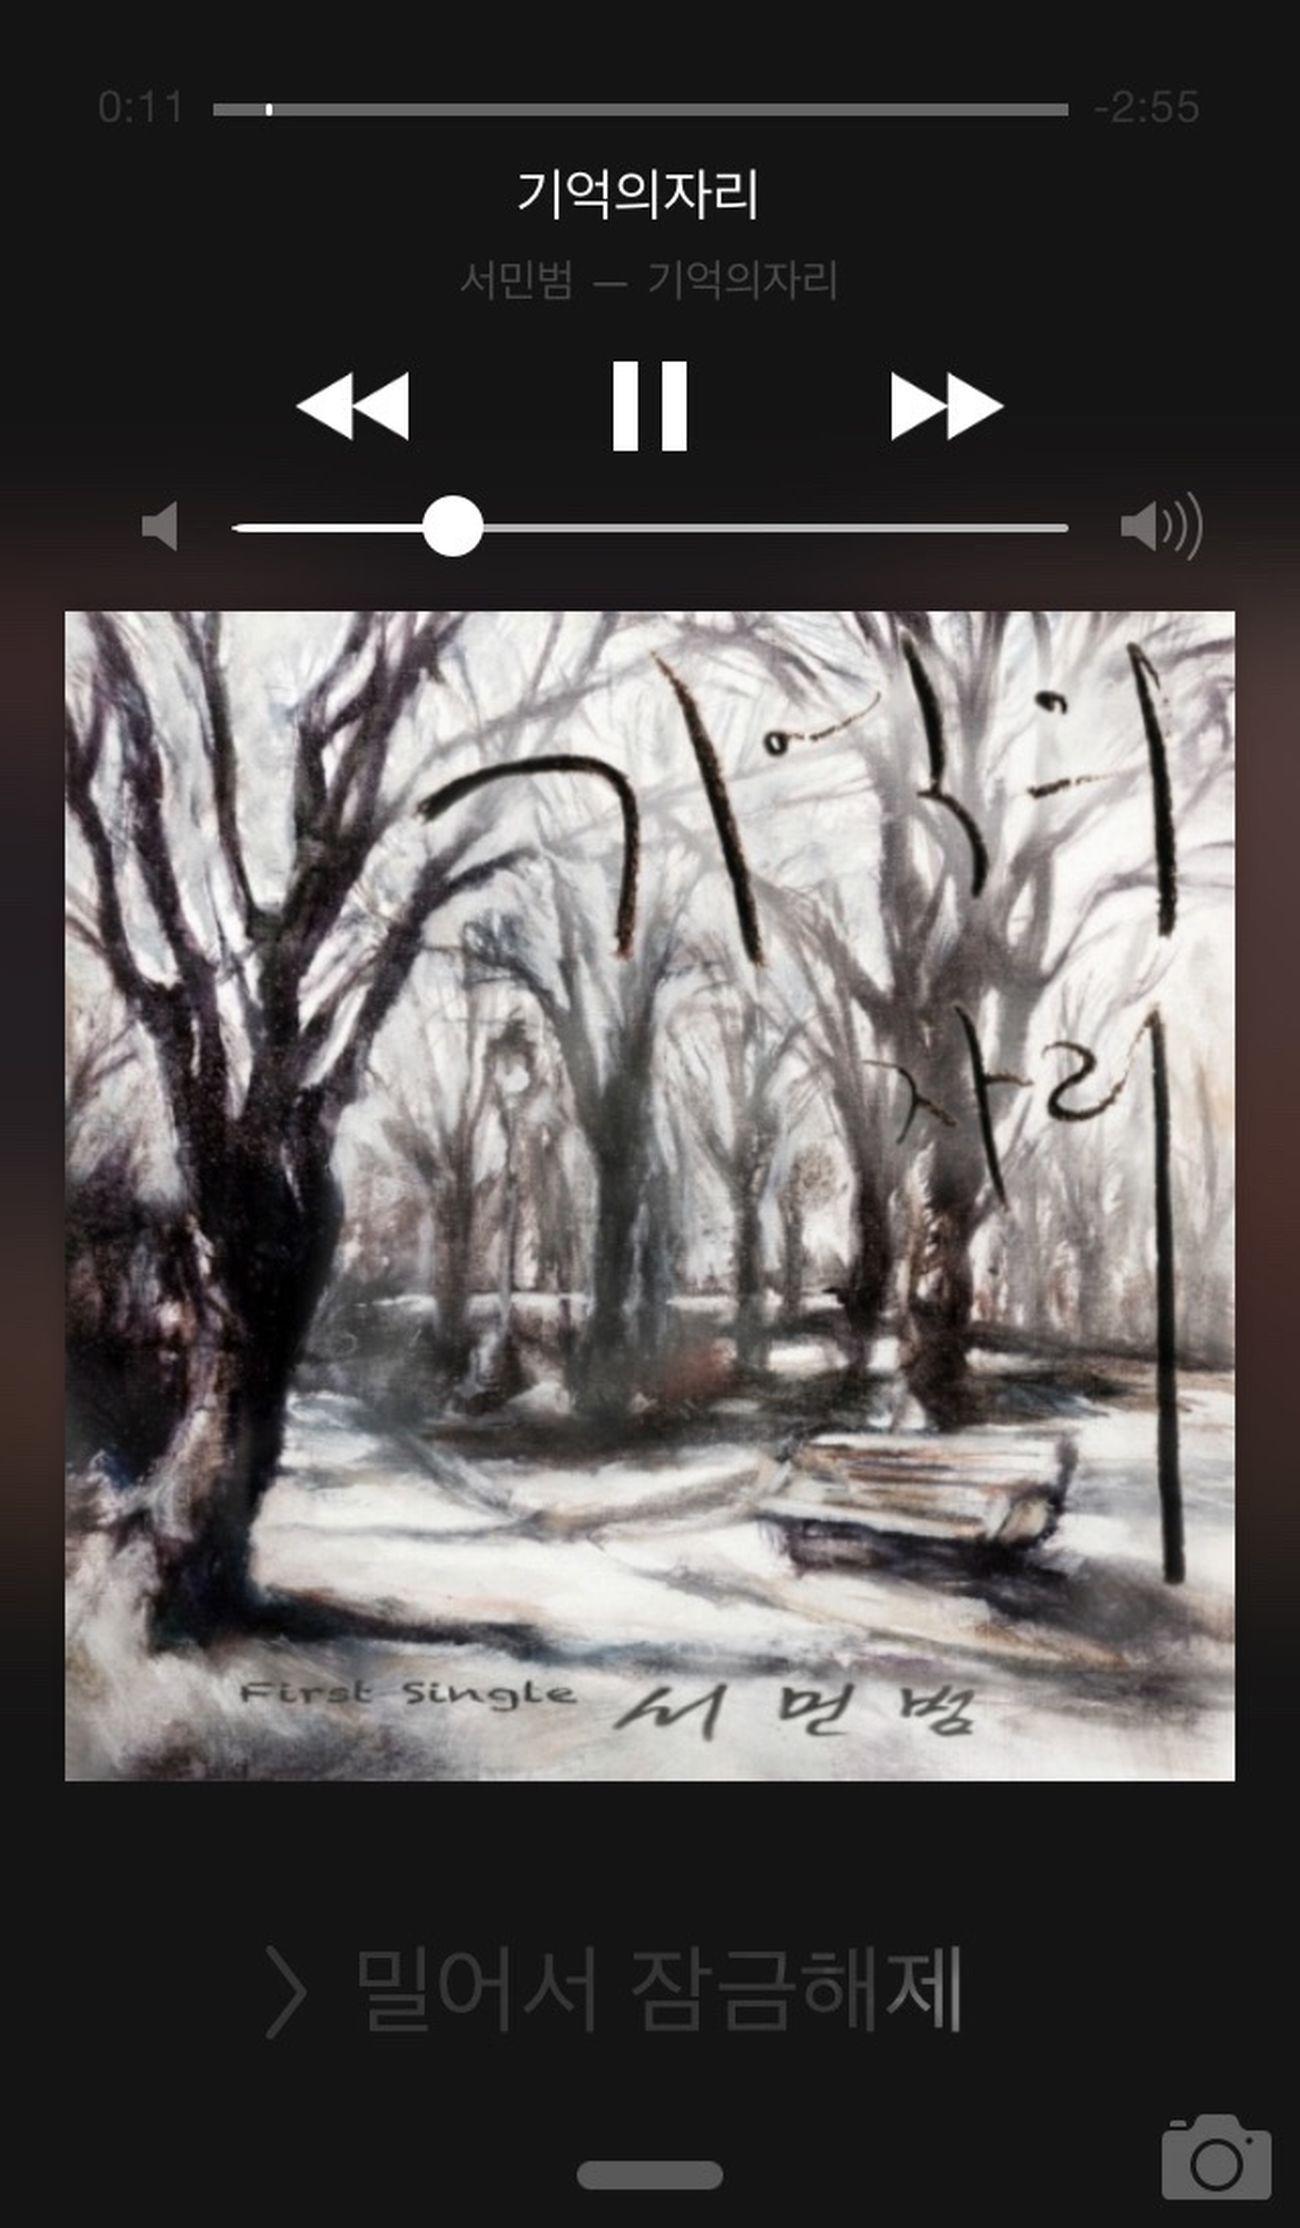 15.2.16 나의 첫번째 앨범 커버 작업 서민범 흥해라!! My Work First Album Cover Winter Fineart Debut  Congratulations Song